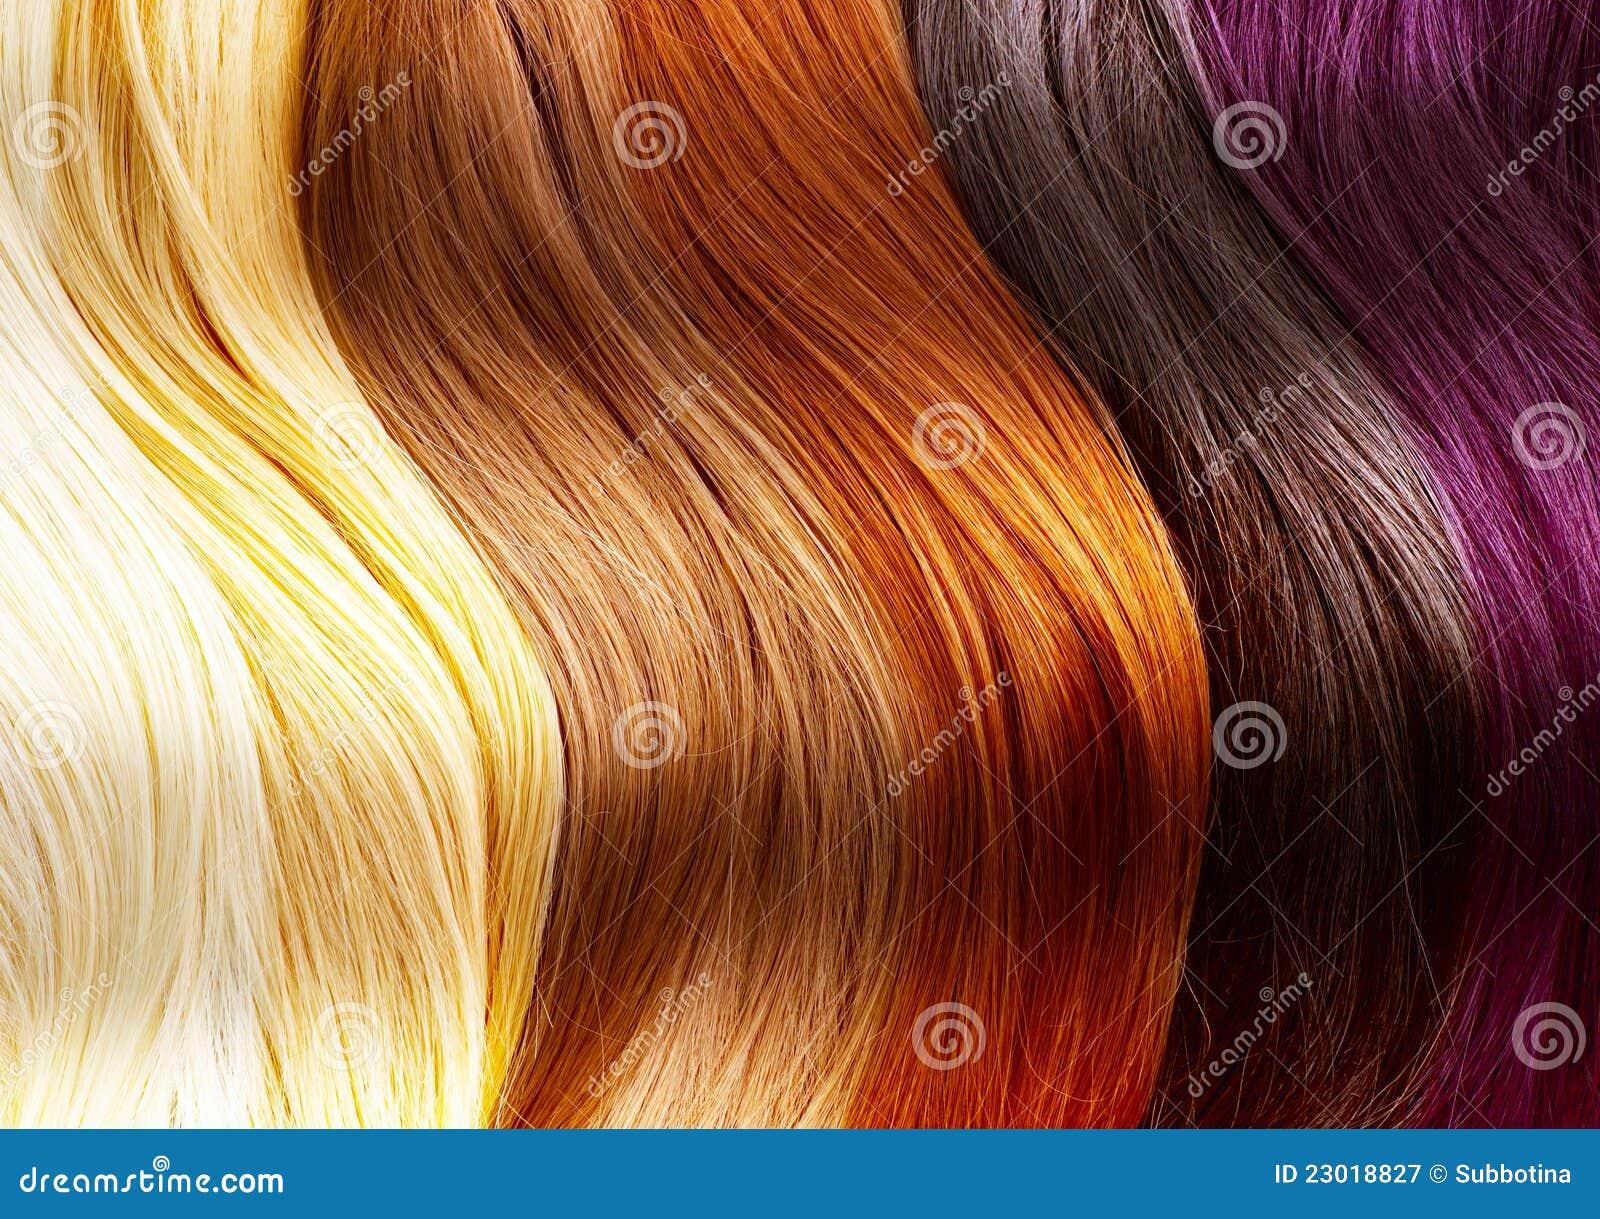 Extrêmement Palette De Couleurs De Cheveux Photo stock - Image: 46093980 YA18